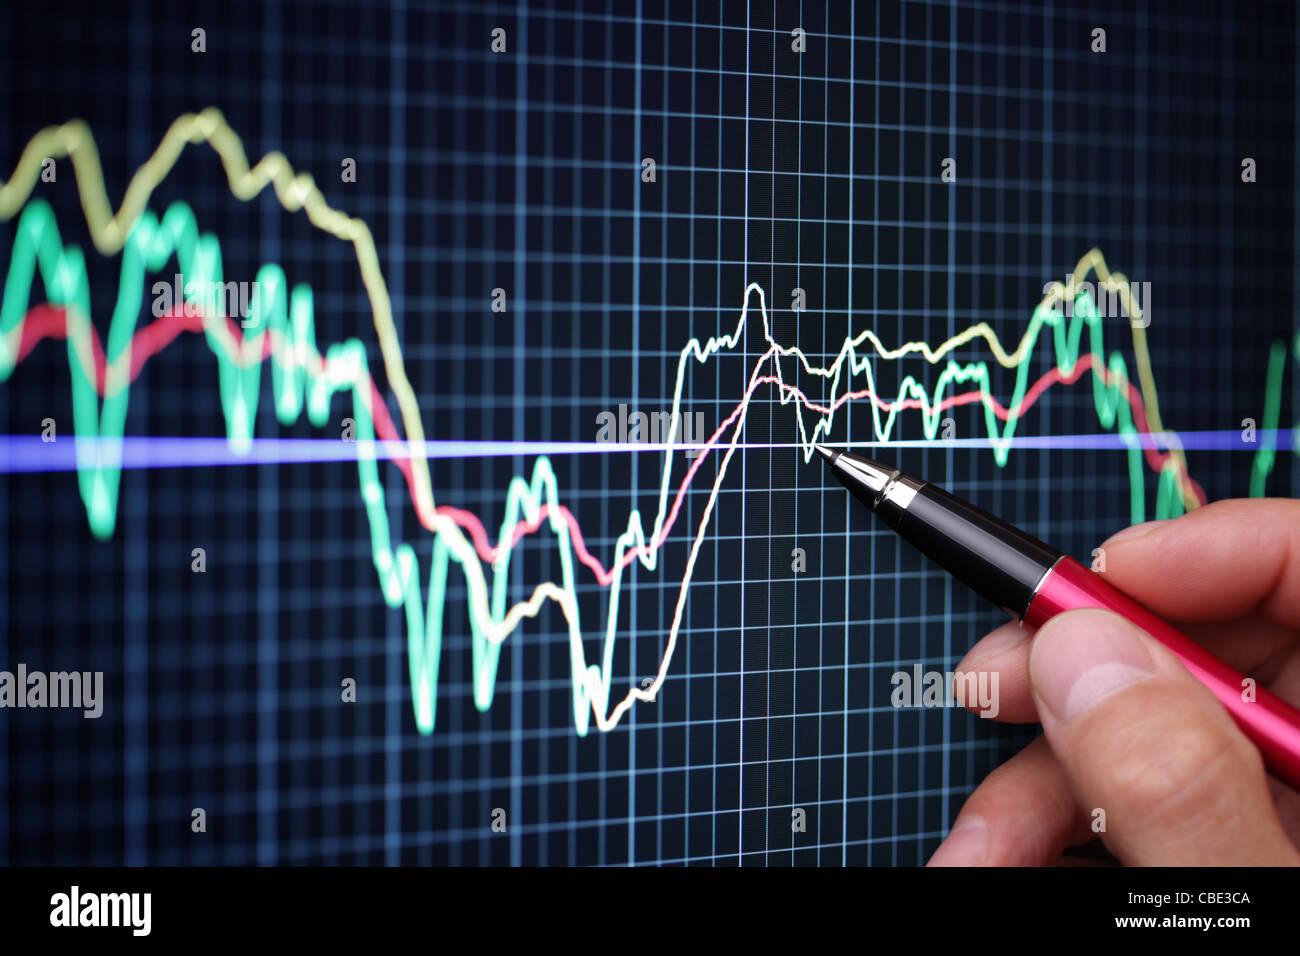 Analisi di mercato su schermo lcd Immagini Stock